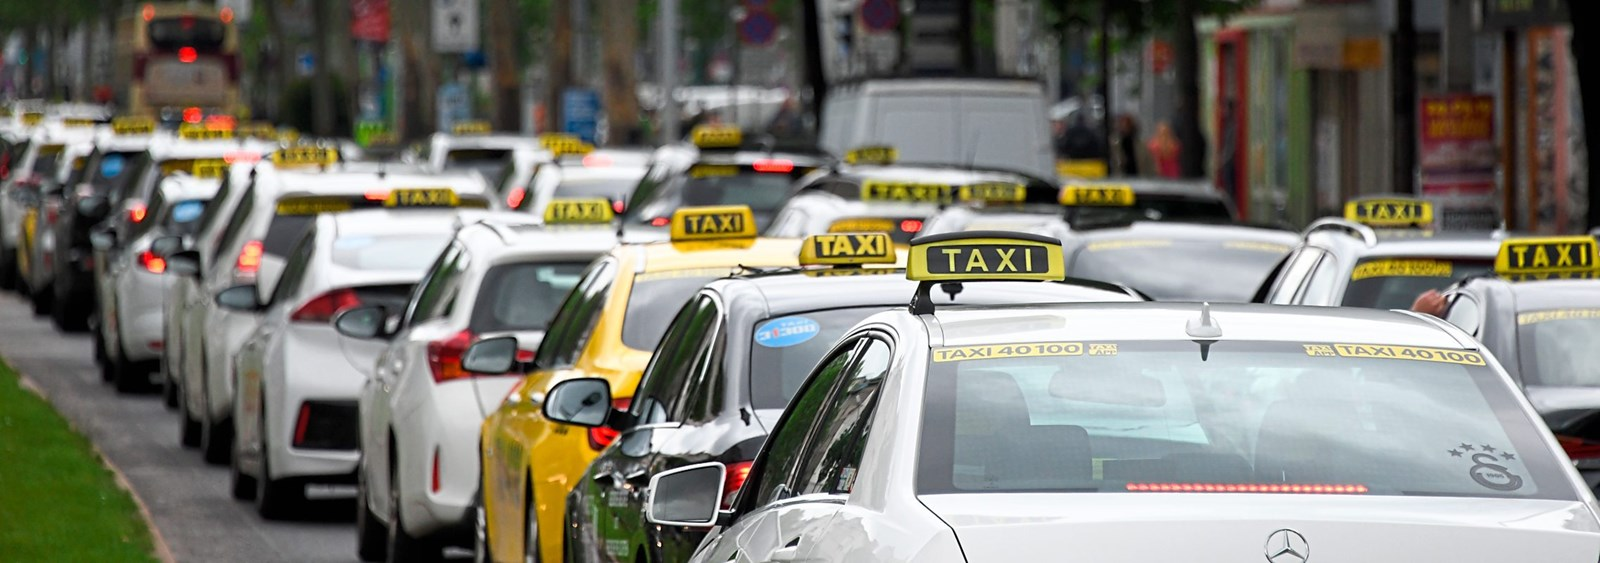 Aus für Uber in Österreich? Kunden bekommen Fahrpreis vorgeschrieben